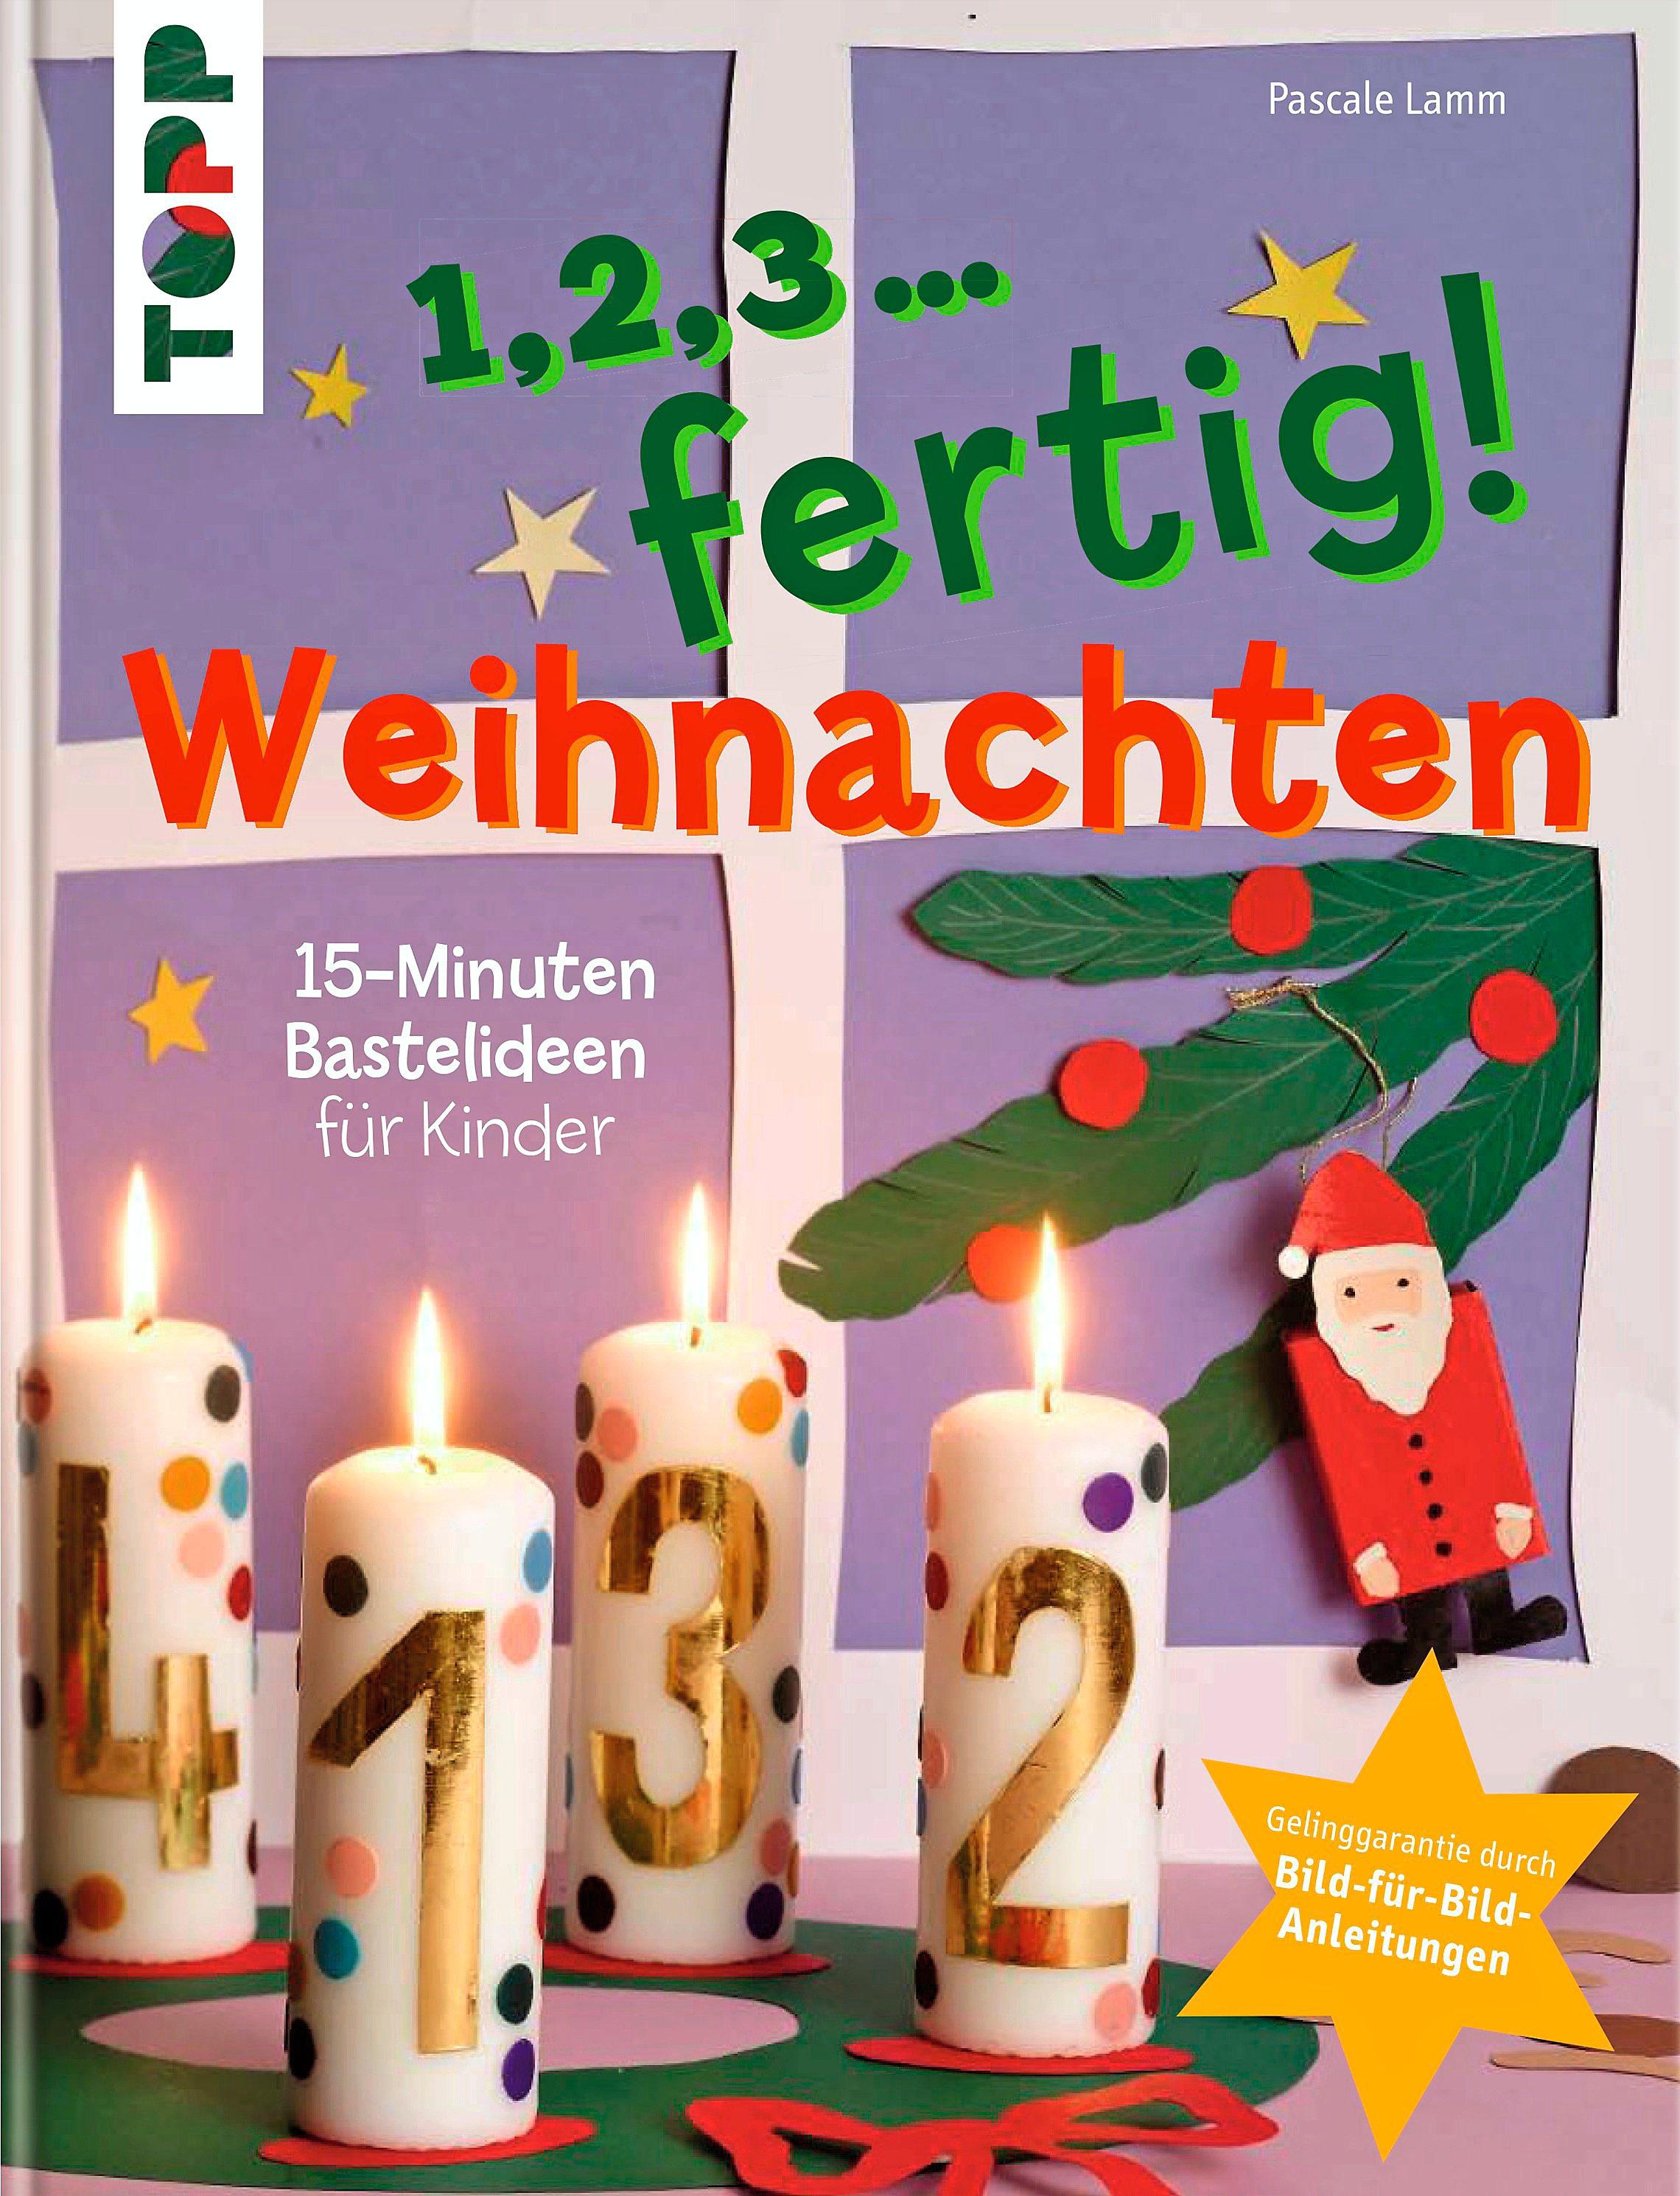 Fingerfarbe Weihnachten.1 2 3 Fertig Weihnachten Buch Bei Weltbild At Bestellen